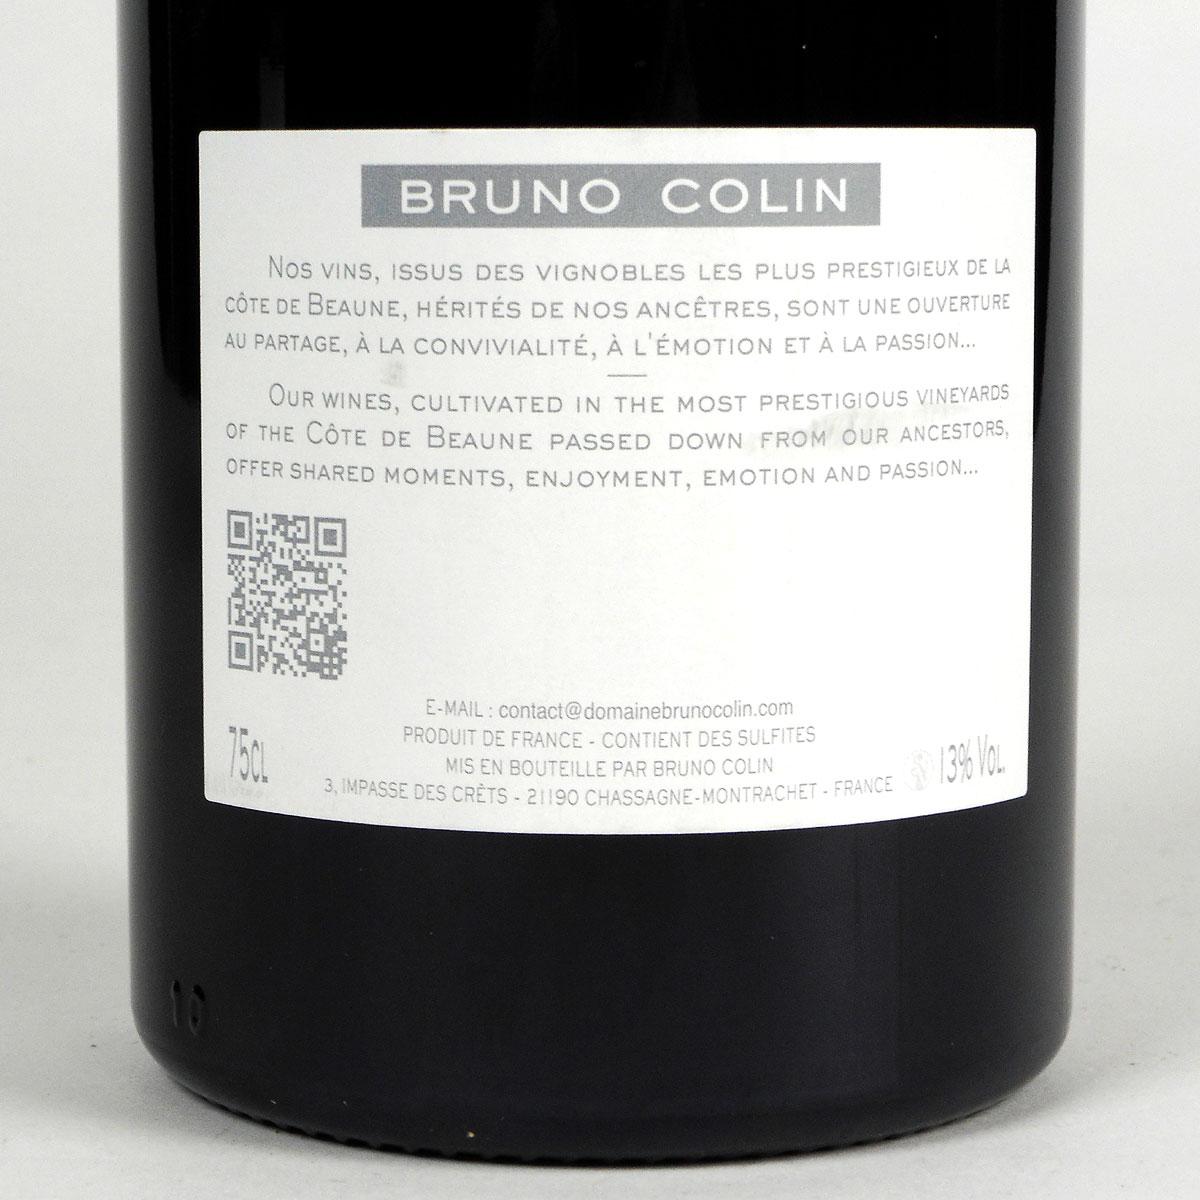 Bourgogne Pinot Noir: Domaine Bruno Colin 2018 - Bottle Rear Label